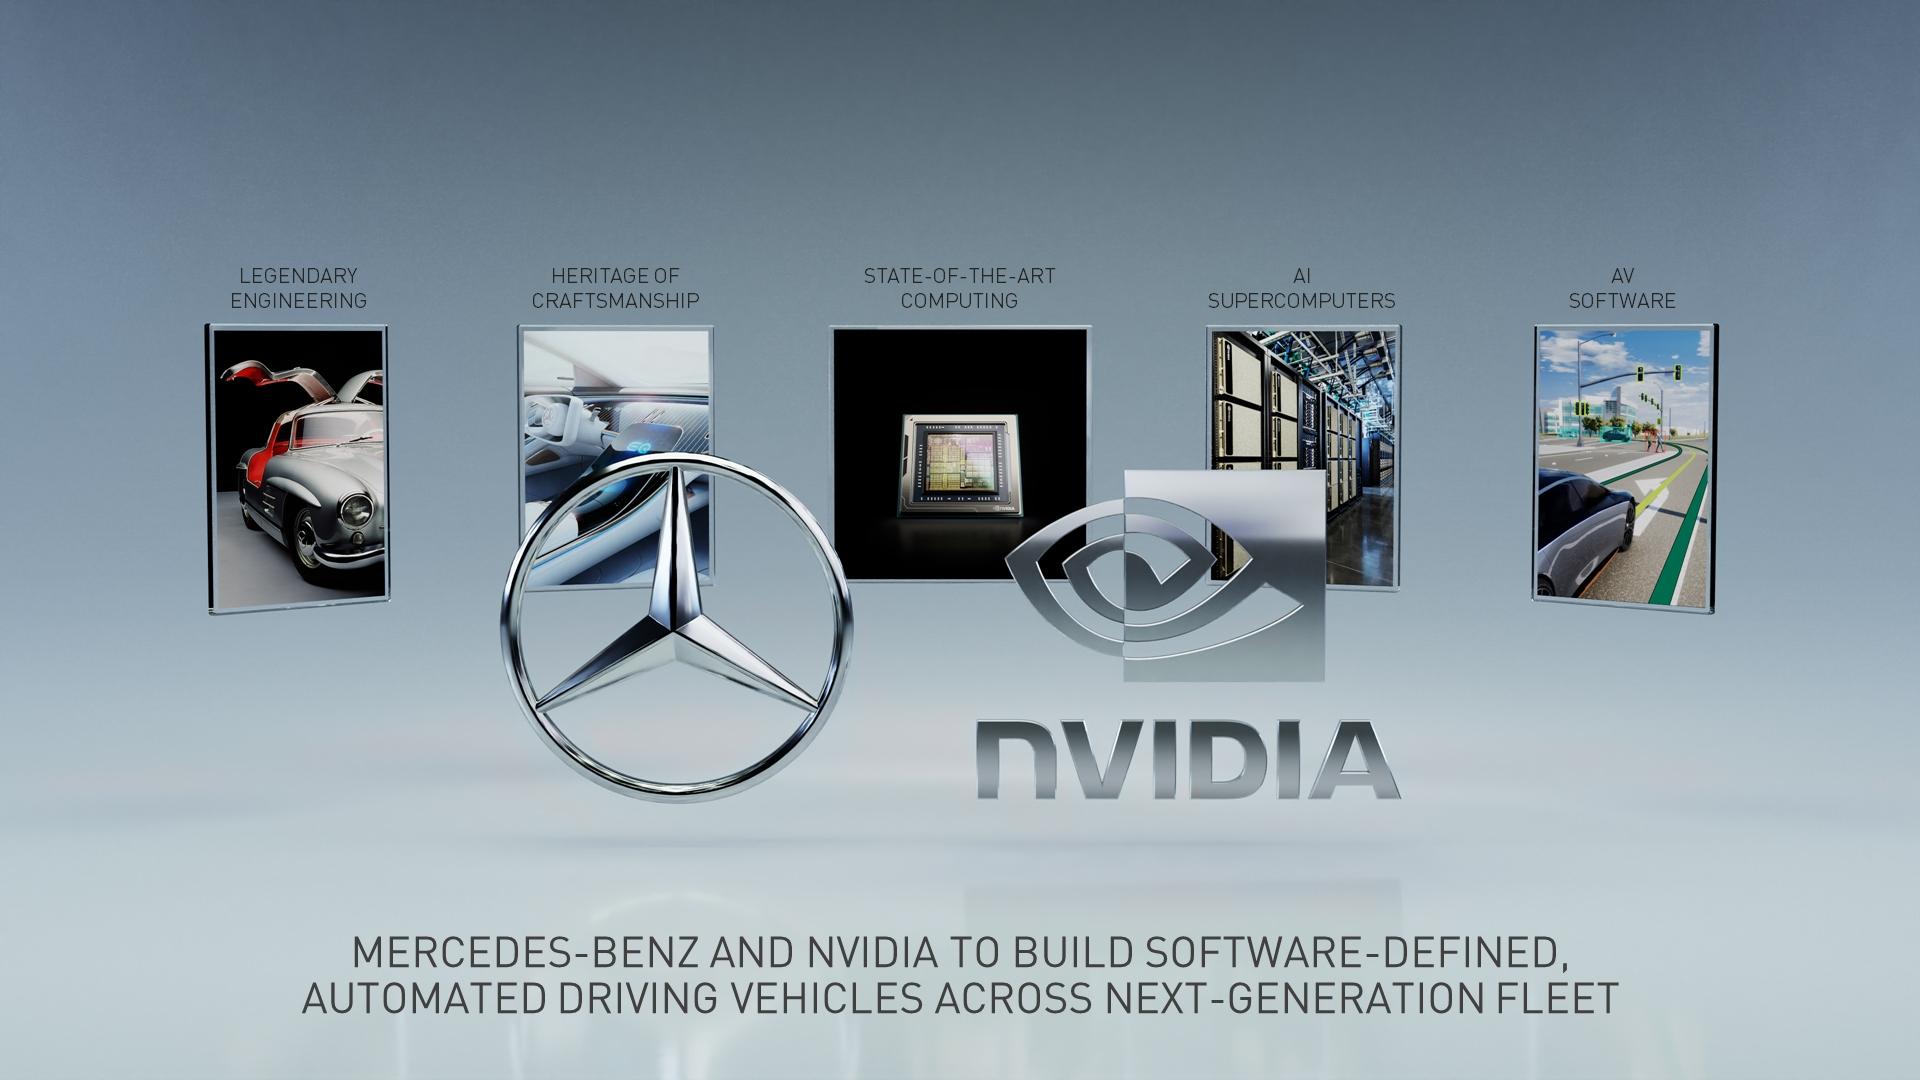 Mercedes NVIDIA guida autonoma